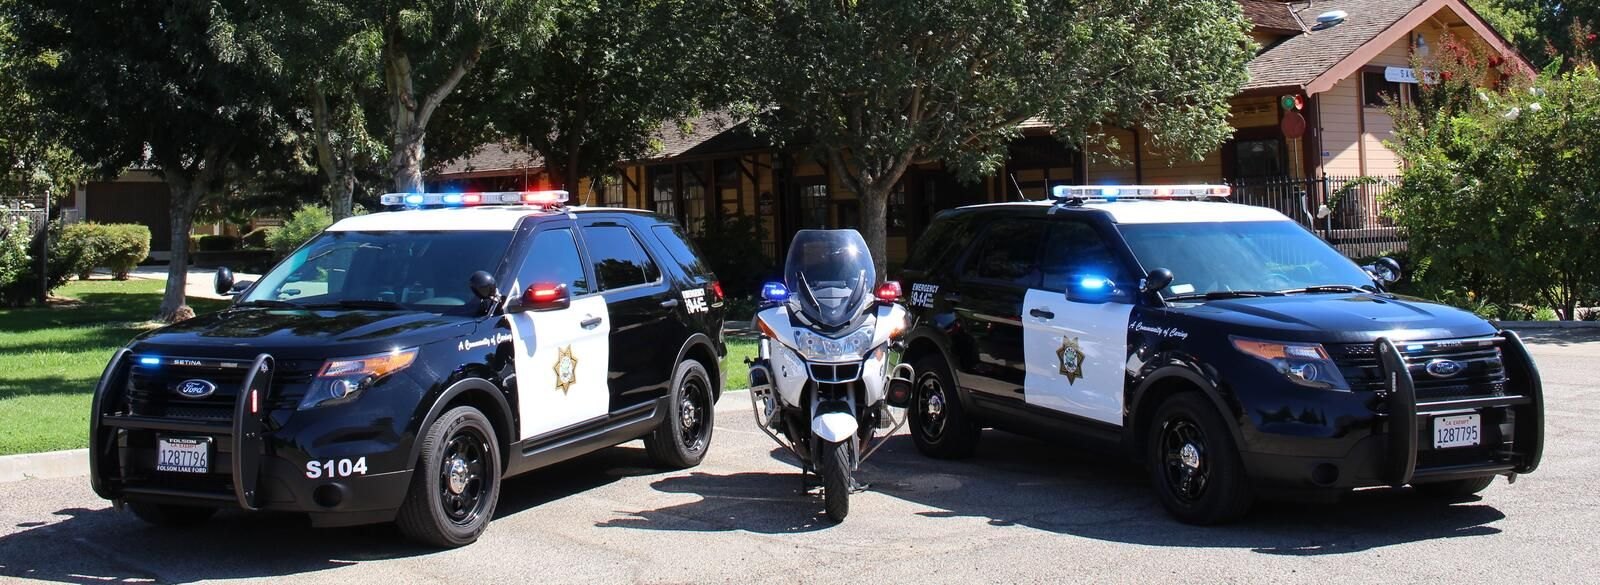 Fresno Police cars, Police dept, Police